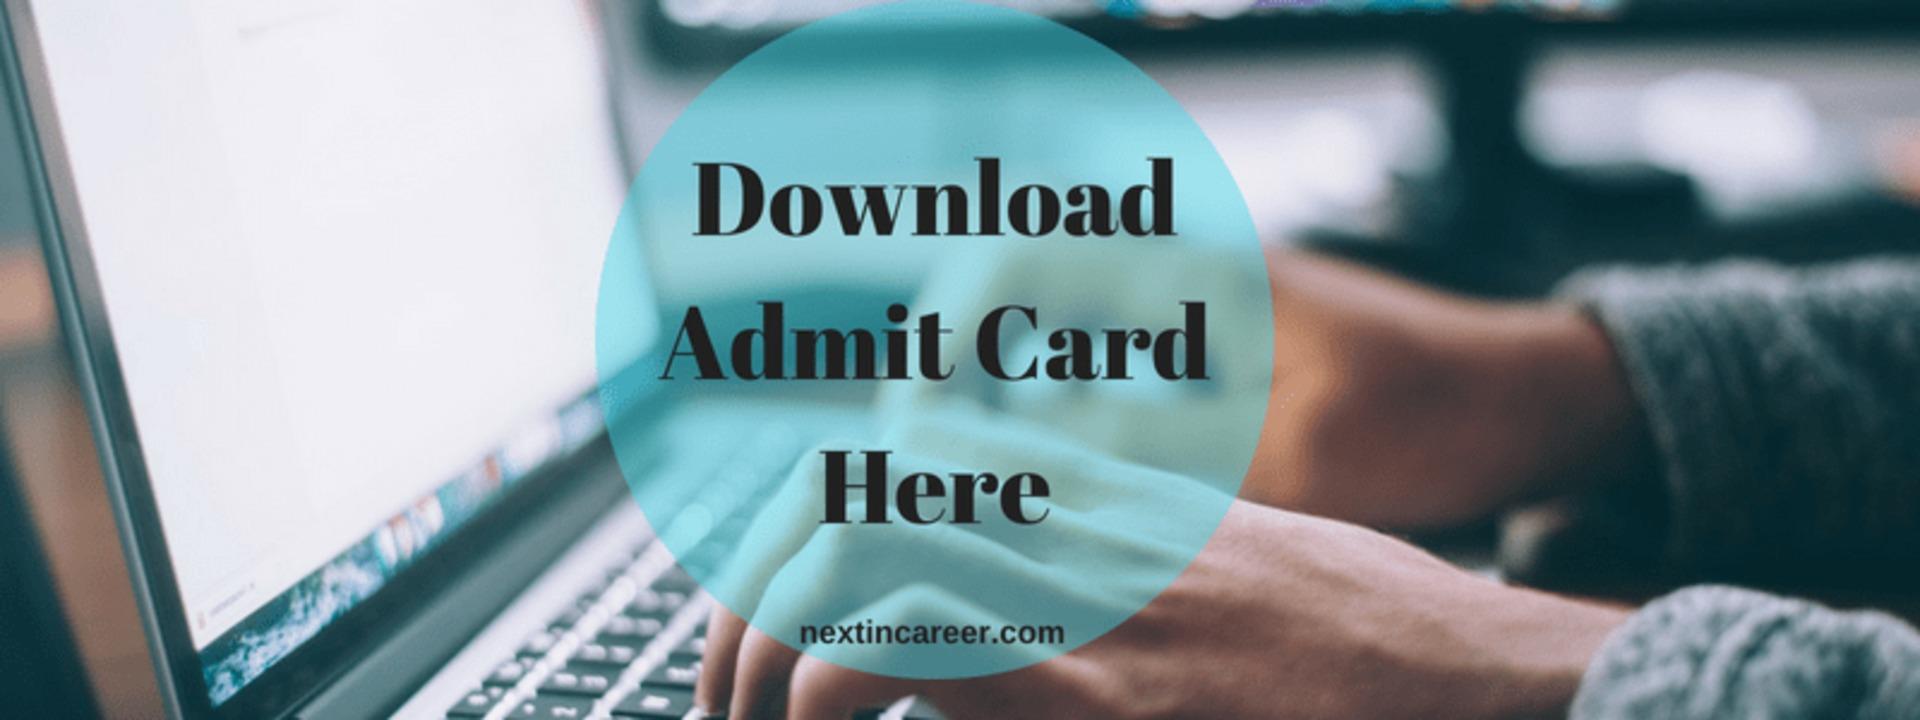 AMUEEE Admit Card 2019 image